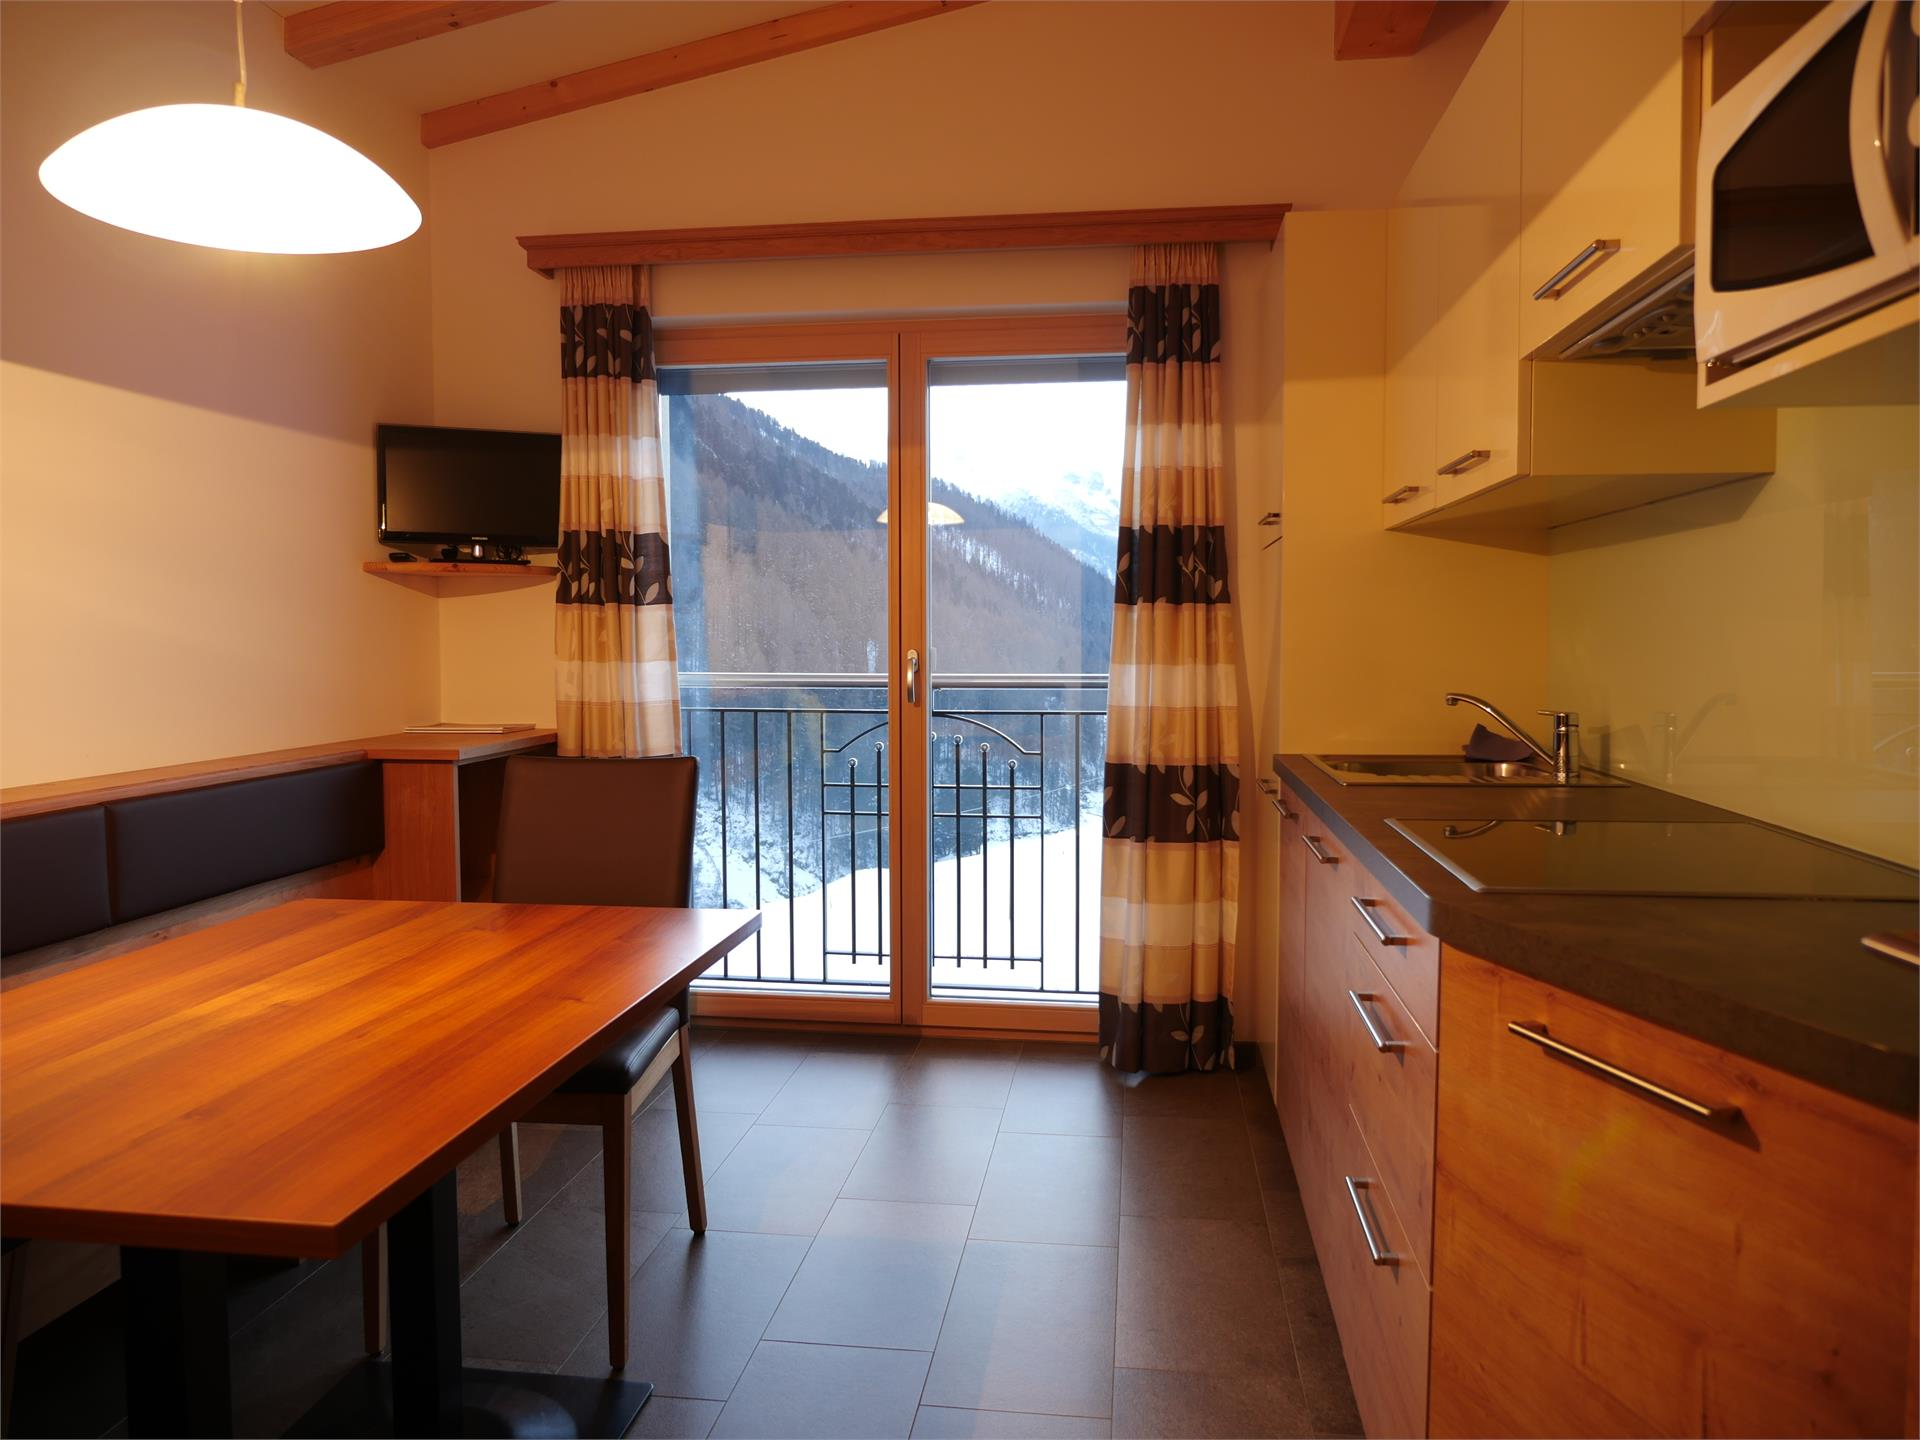 cucina appartamento sottotetto